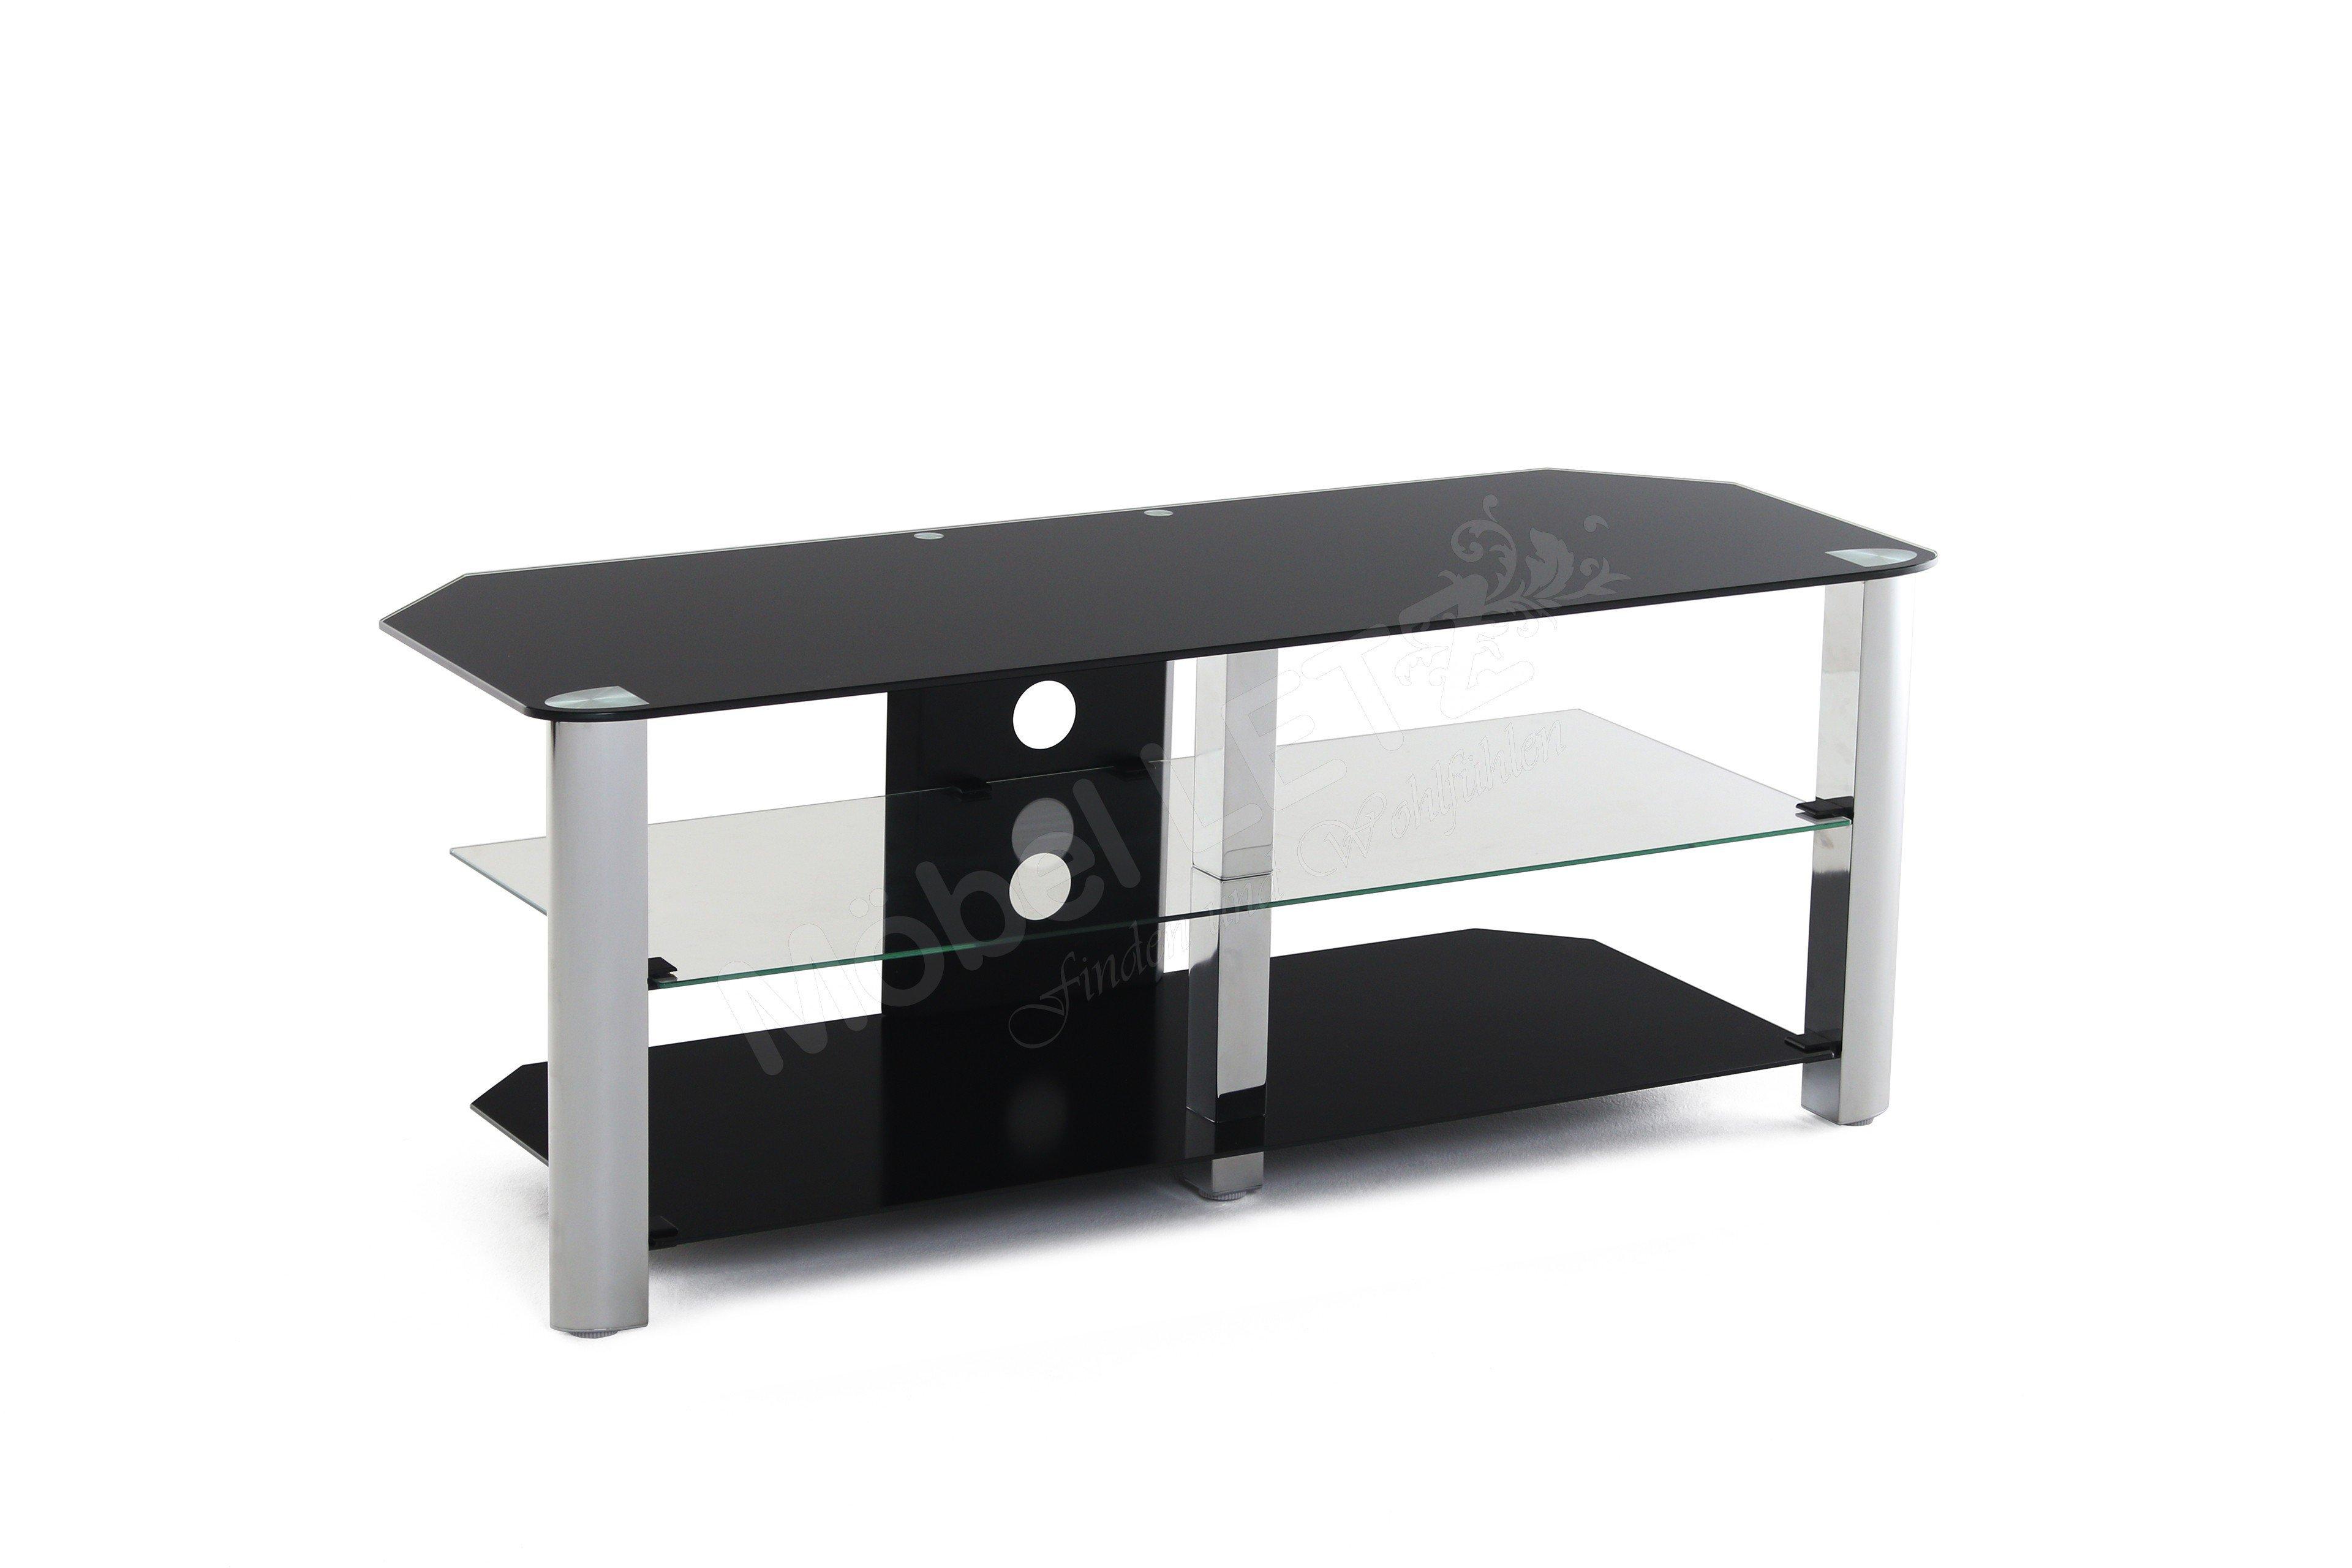 online moebel kaufen esszimmer v alpin eiche altholz. Black Bedroom Furniture Sets. Home Design Ideas